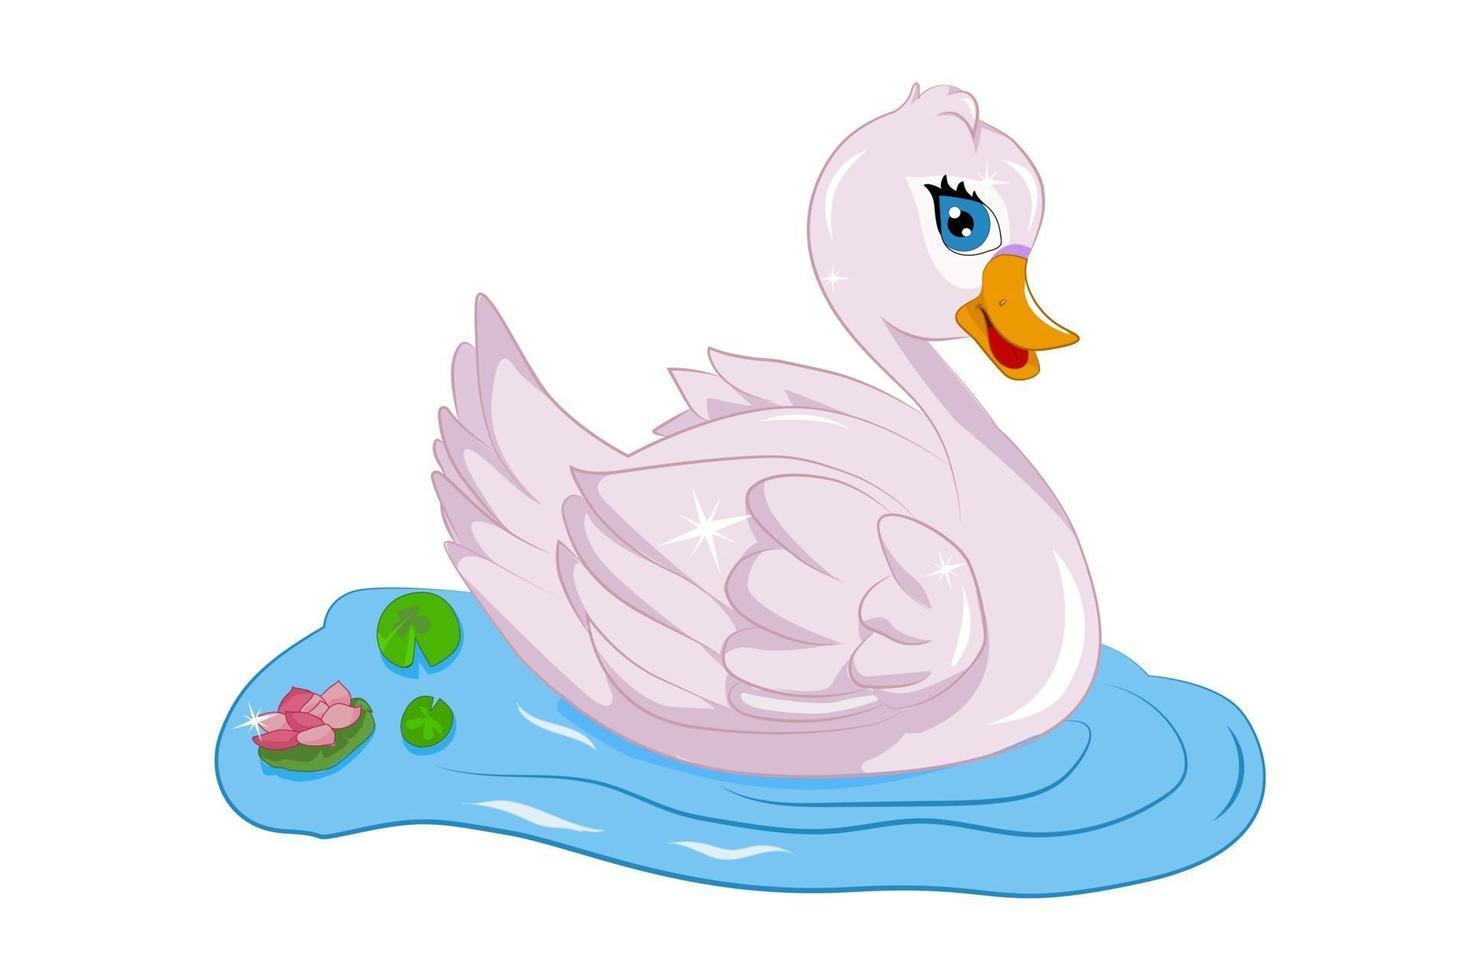 lindo ganso rosa em um rio, desenho animal cartoon vetor